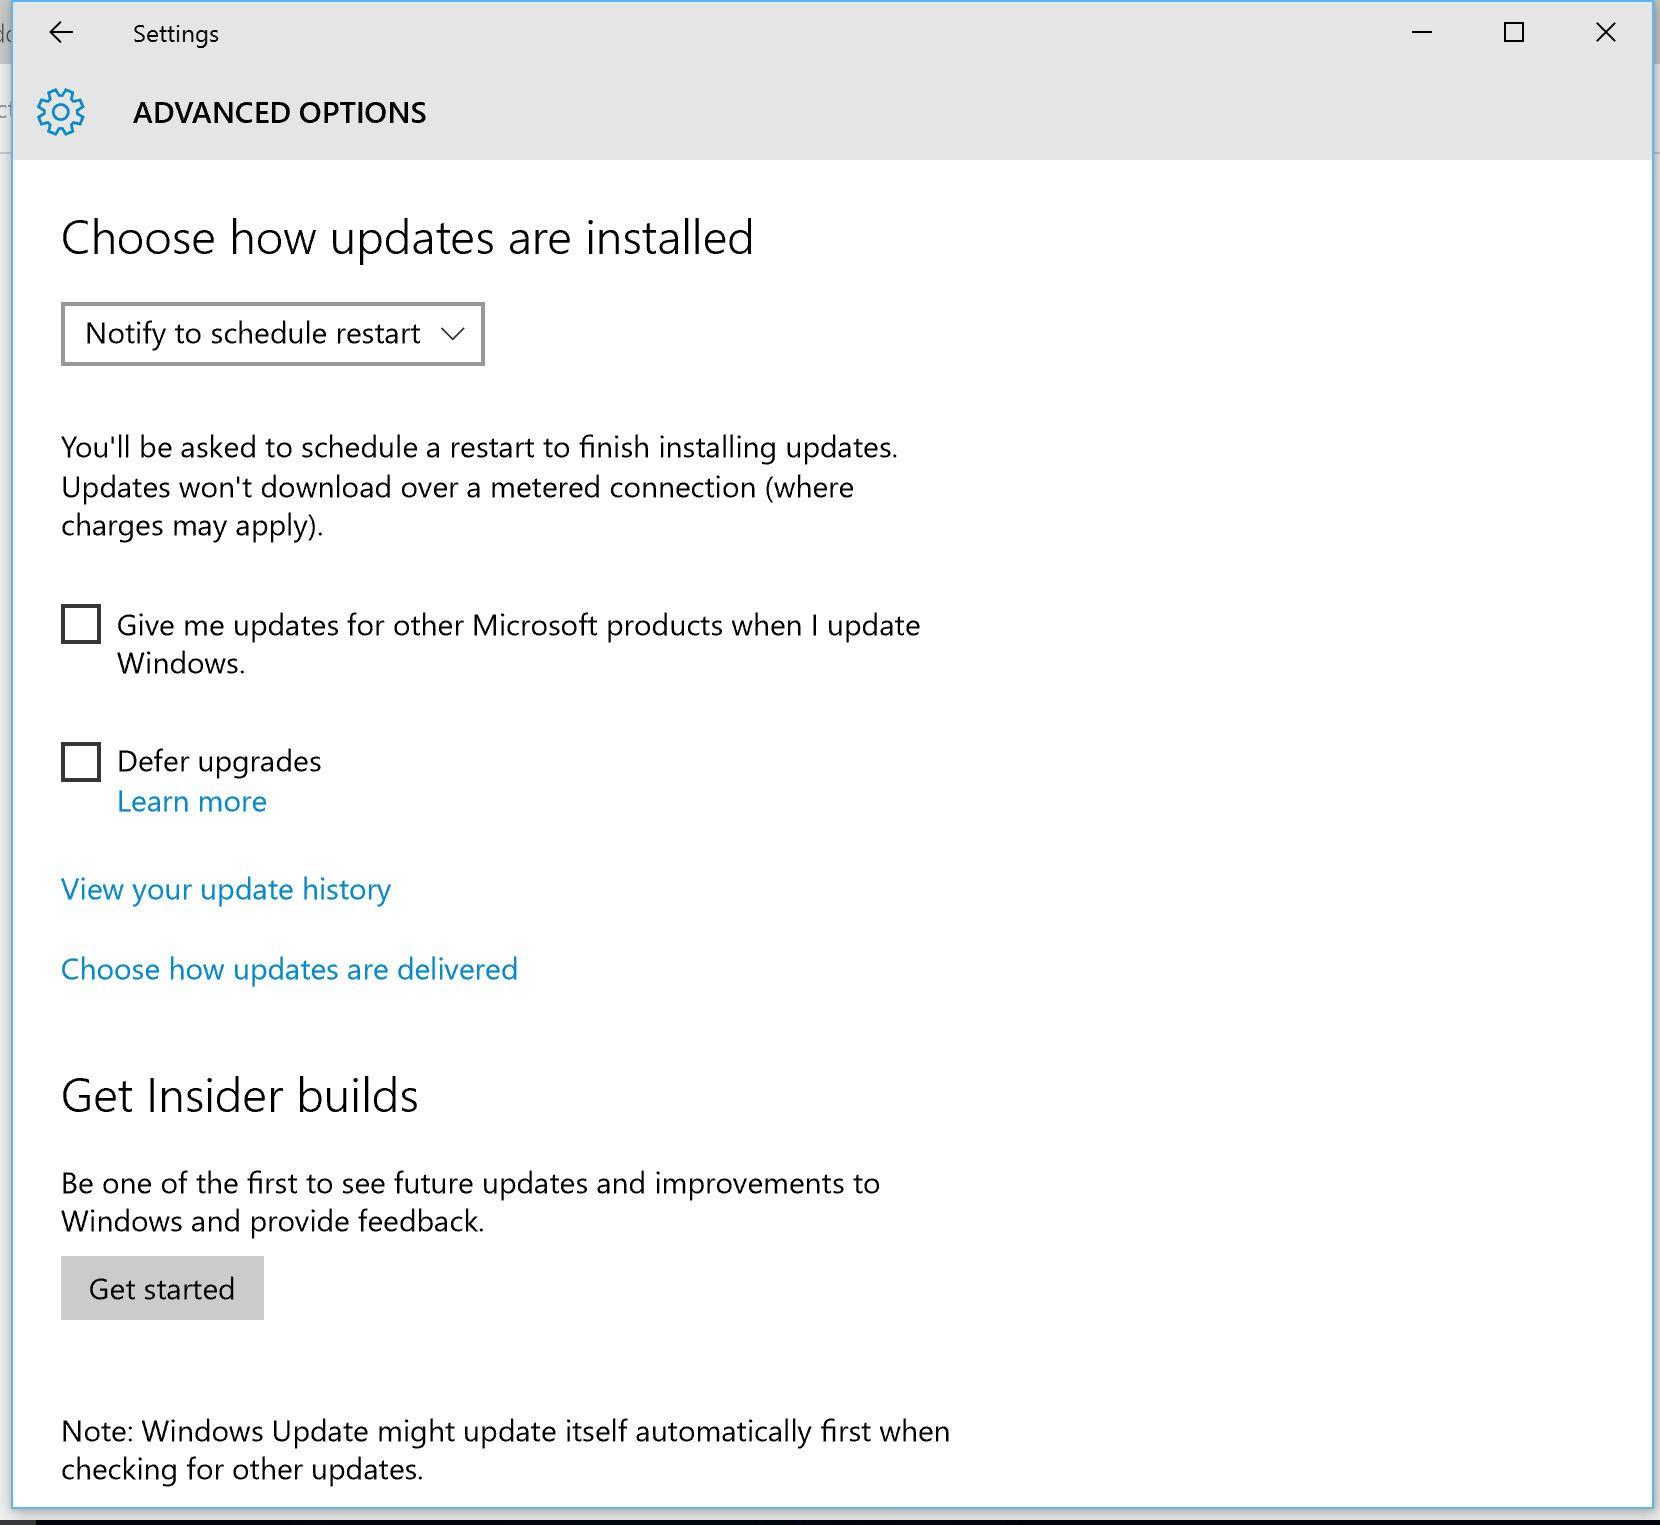 Du får gjøre noen oppdateringsvalg selv, men de viktige oppdateringene lar seg ikke hoppe over med Windows 10. Foto: Finn Jarle Kvalheim, Tek.no